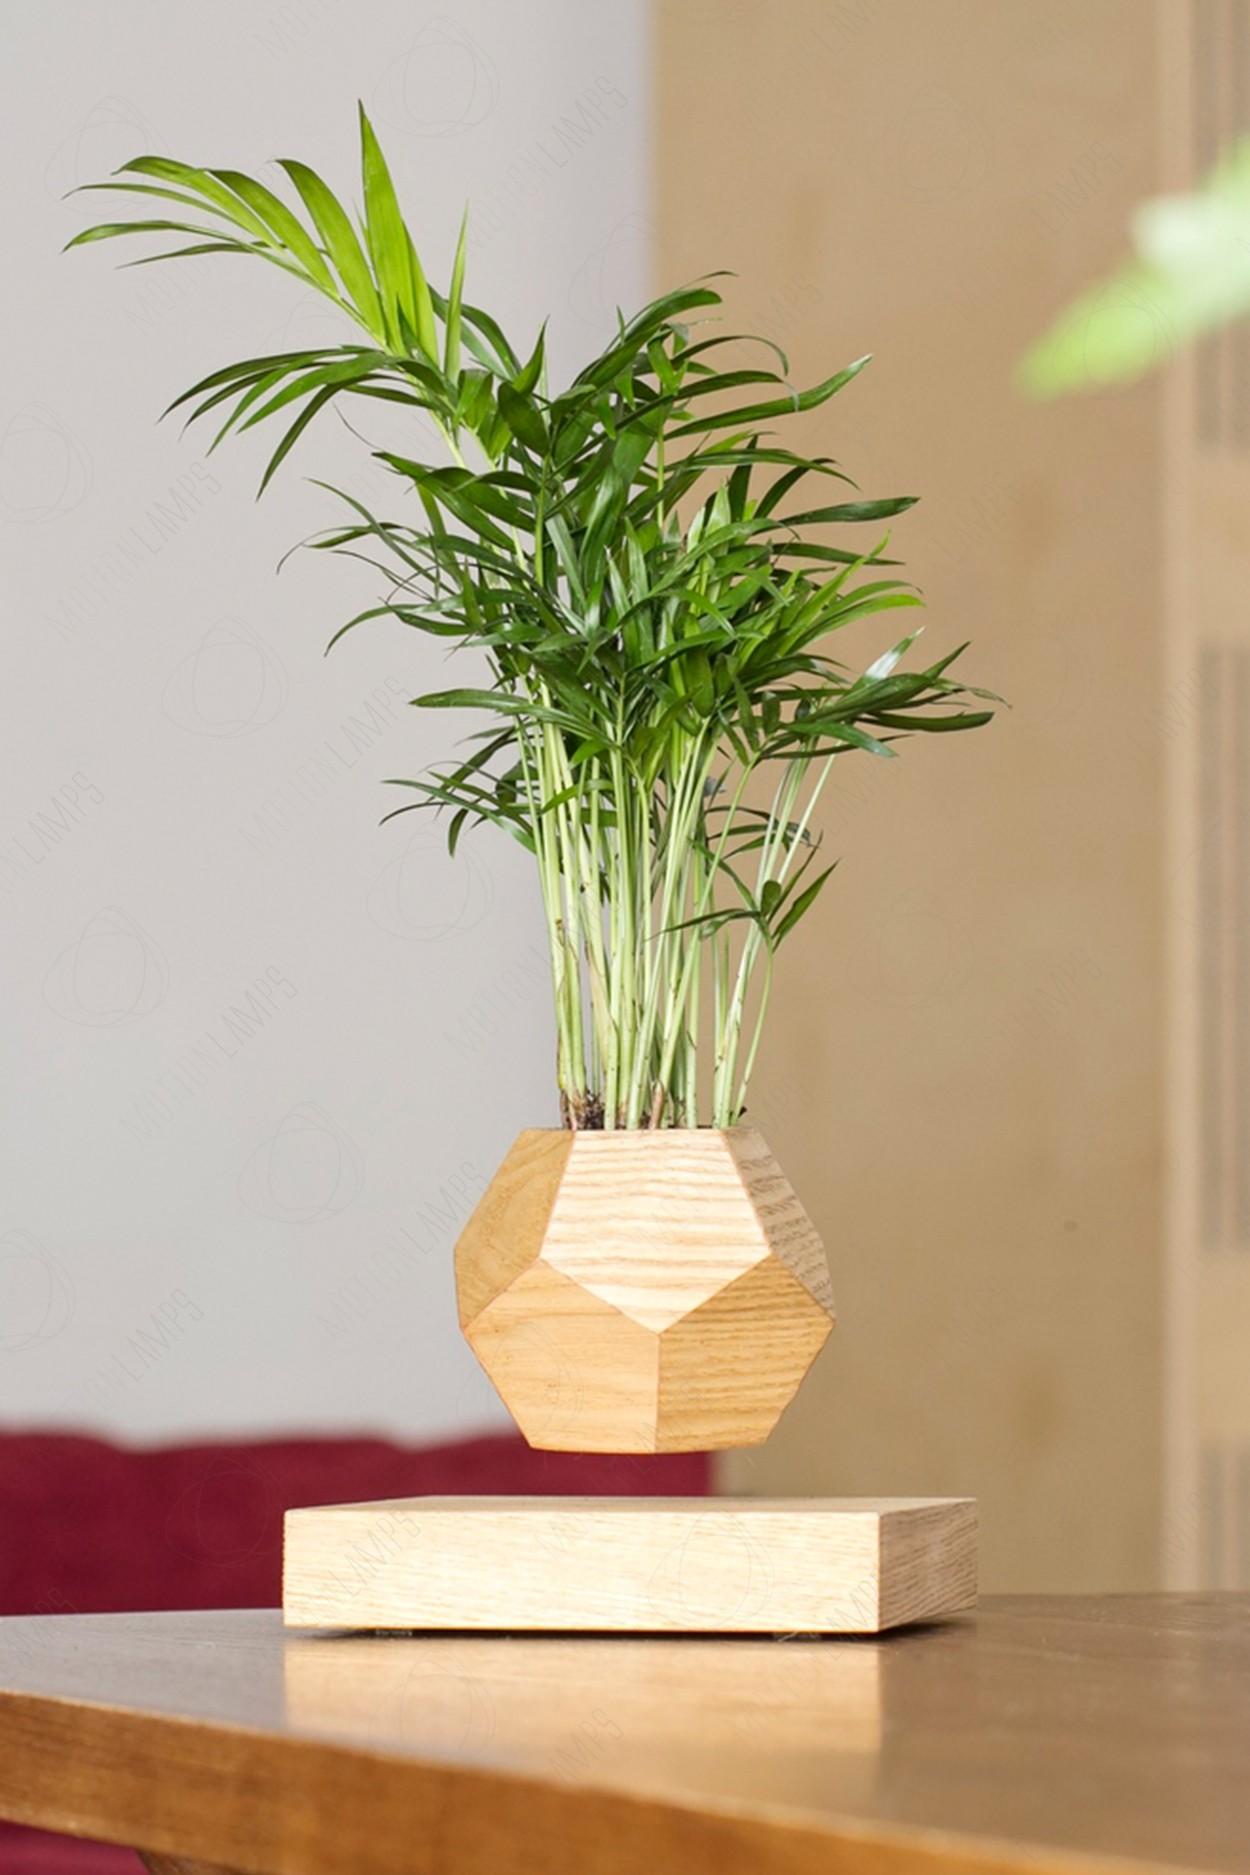 Левитирующий горшок LePlant Wood светлый (для растений) в Москве